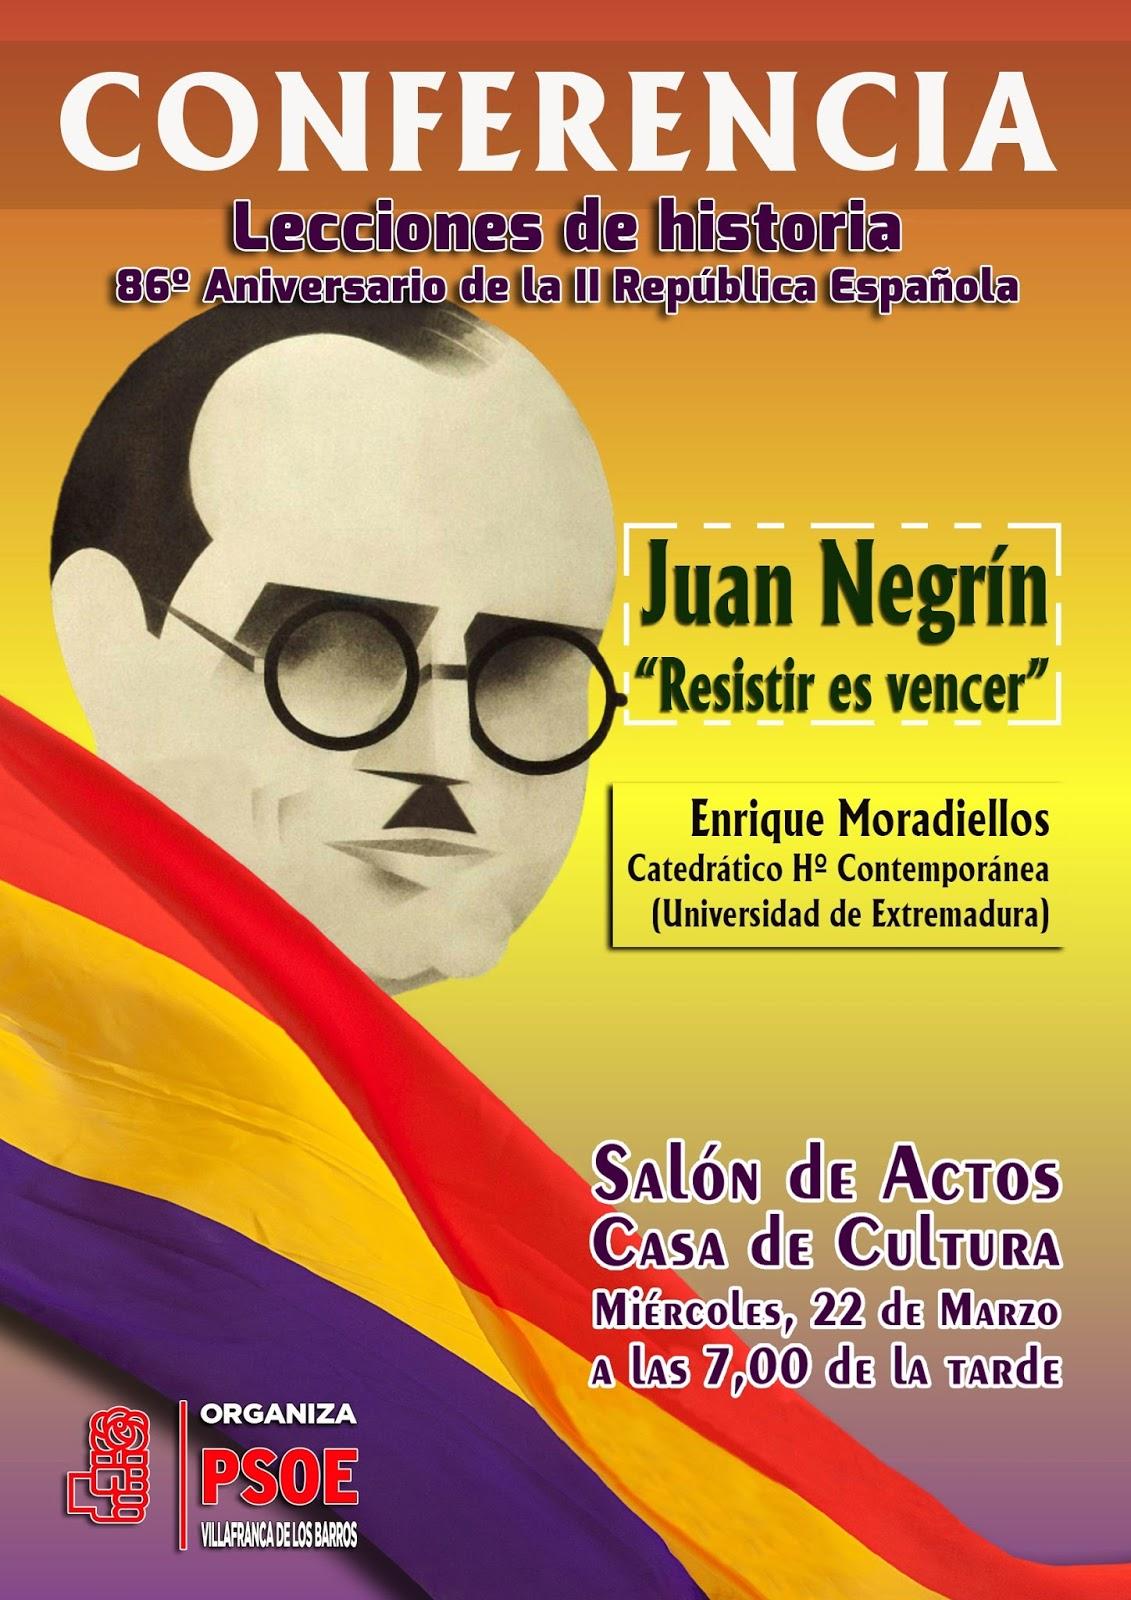 Enrique Moradiellos, Catedrático de Historia Contemporánea de la UEx, imparte una conferencia sobre Juan Negrín en Villafranca de los Barros.